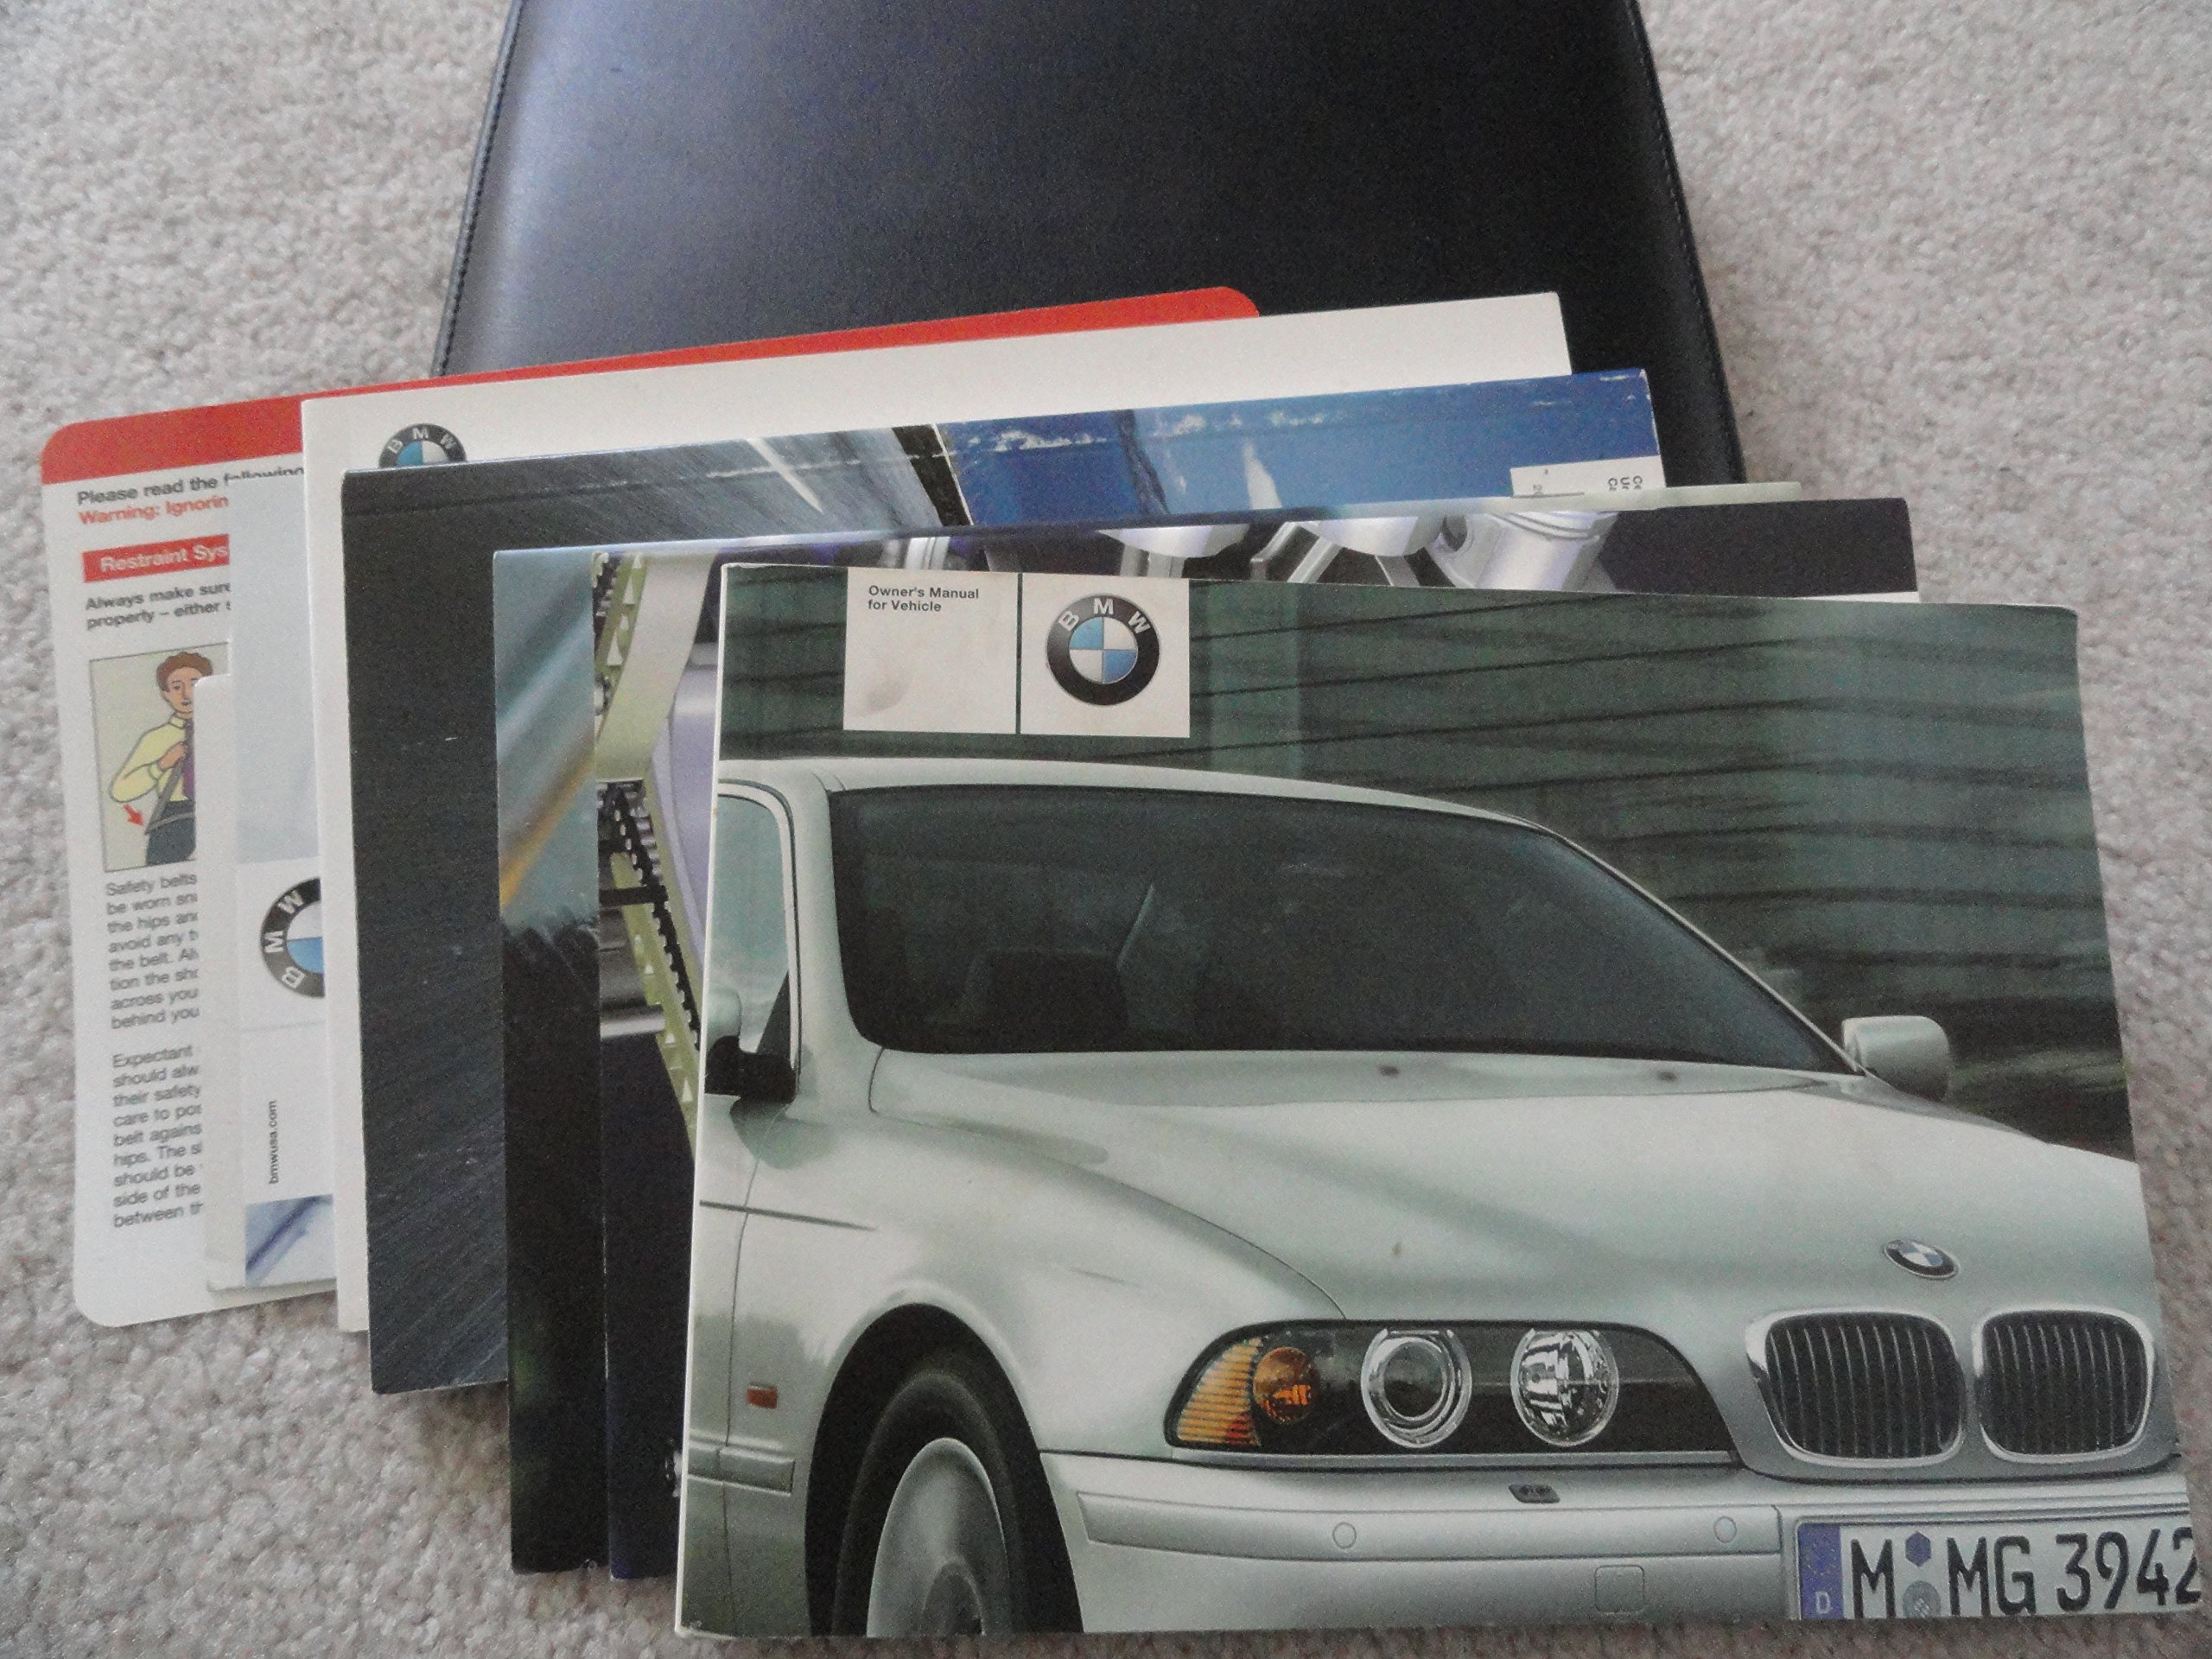 2003 BMW 525i 530i 540i Sedan Sport Wagon Owners Manual: BMW Automotive:  Amazon.com: Books